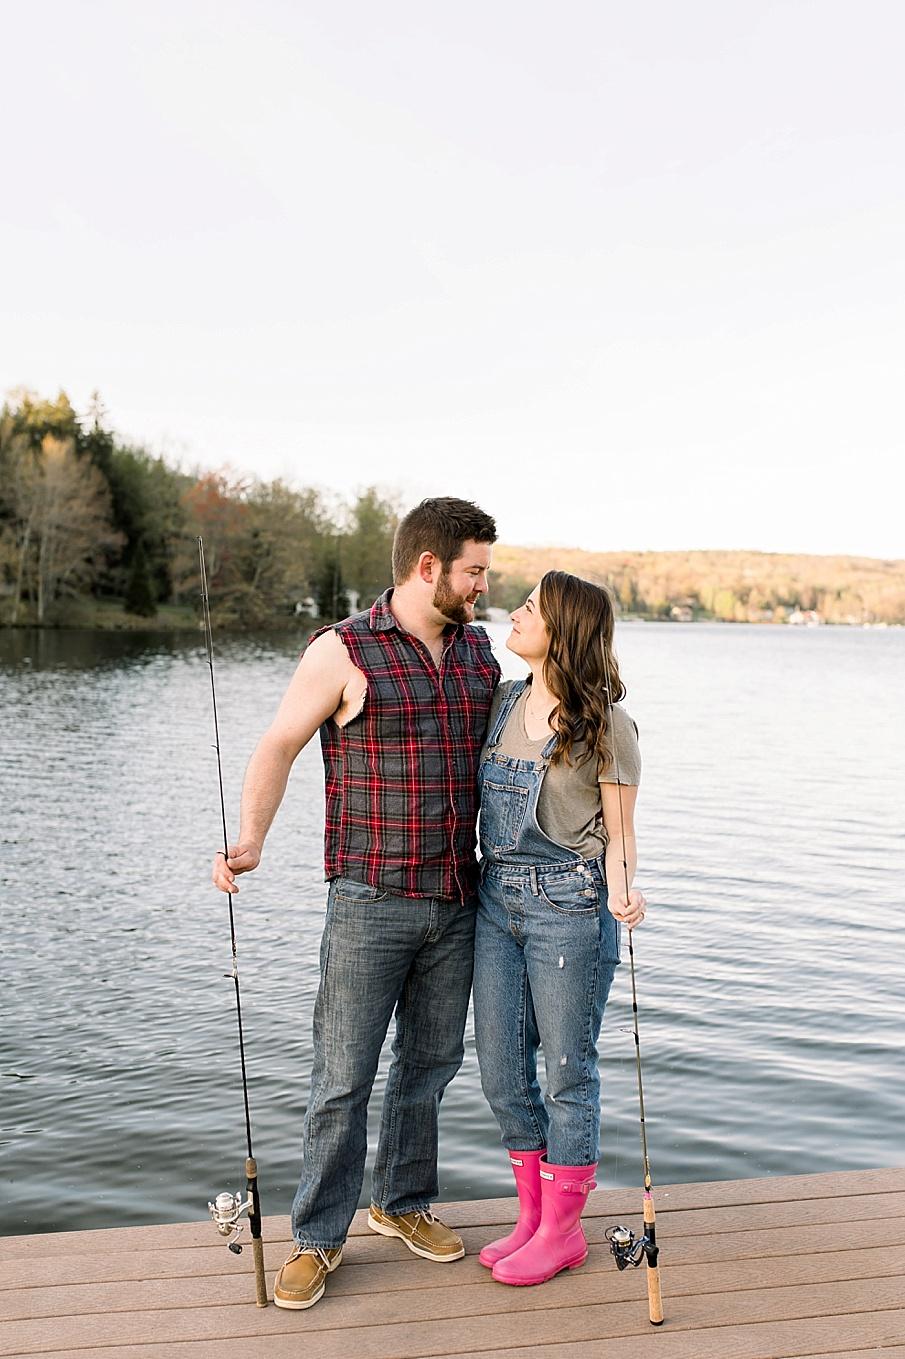 senecaryanco-syracuseweddingphotographer-syracuse-centralnewyork-skaneateles-brackney-quakerlake-binghamton-wedding-lake-engagementphotos_0018.jpg